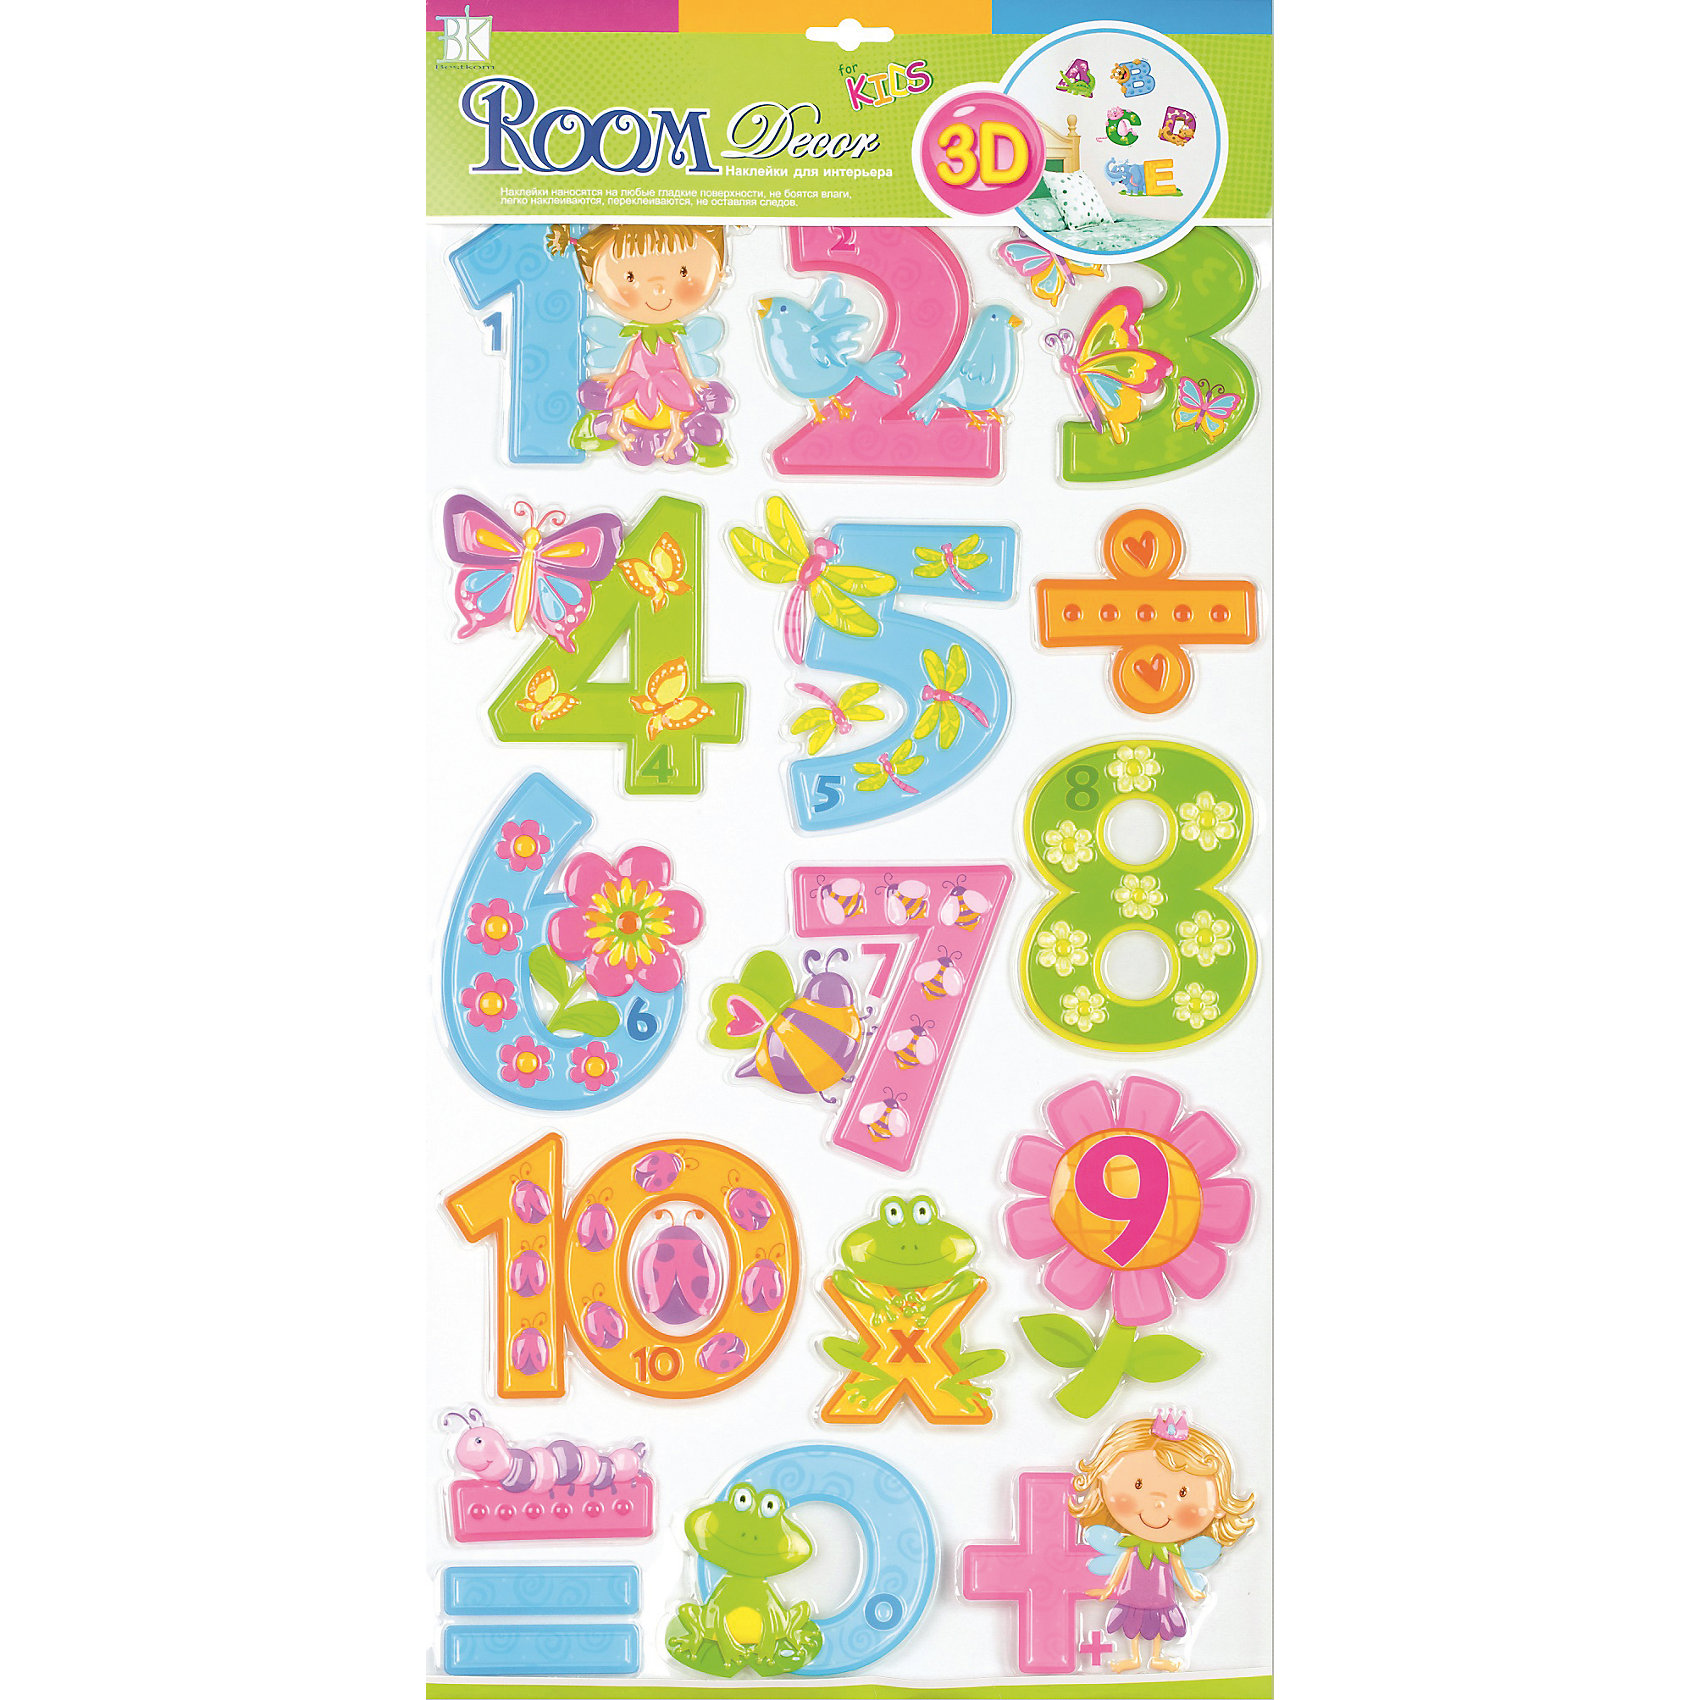 Наклейка Цифры для девочек RCA0805, Room DecorПредметы интерьера<br>Характеристики:<br><br>• Предназначение: декор комнаты, создание обучающей зоны в детской комнате<br>• Тематика наклеек: цифры<br>• Материал: картон, ПВХ<br>• Комплектация: 16 элементов<br>• Форма: 3d<br>• Клейкая поверхность крепится на окрашенные стены, обои, двери, деревянные панели, стекло<br>• Не повреждают поверхность<br>• Устойчивы к выцветанию и истиранию<br>• Повышенные влагостойкие свойства<br>• Размеры (Д*Ш*В): 32*7*57 см<br>• Вес: 50 г<br>• Упаковка: блистер<br><br>Все наклейки выполнены из безопасного и нетоксичного материала – ПВХ. Прочная клеевая основа обеспечивает надежное прикрепление практически к любому виду горизонтальной или вертикальной поверхности, при этом не деформируя и не повреждая ее. Наклейки обладают влагоустойчивыми свойствами, поэтому они хорошо переносят влажную уборку. <br><br>Наклейка Цифры для девочек RCA0805, Room Decor состоит из набора, в который входят 16 элементов с изображением цифр и математических знаков. Набор выполнен в объемном формате, что придает всей композиции 3d эффект. Каждая цифра оформлена различными рисунками, соответствующими указанной цифре. <br><br>Наклейку Цифры для девочек RCA0805, Room Decor можно купить в нашем интернет-магазине.<br><br>Ширина мм: 320<br>Глубина мм: 70<br>Высота мм: 570<br>Вес г: 50<br>Возраст от месяцев: 36<br>Возраст до месяцев: 168<br>Пол: Женский<br>Возраст: Детский<br>SKU: 5513022